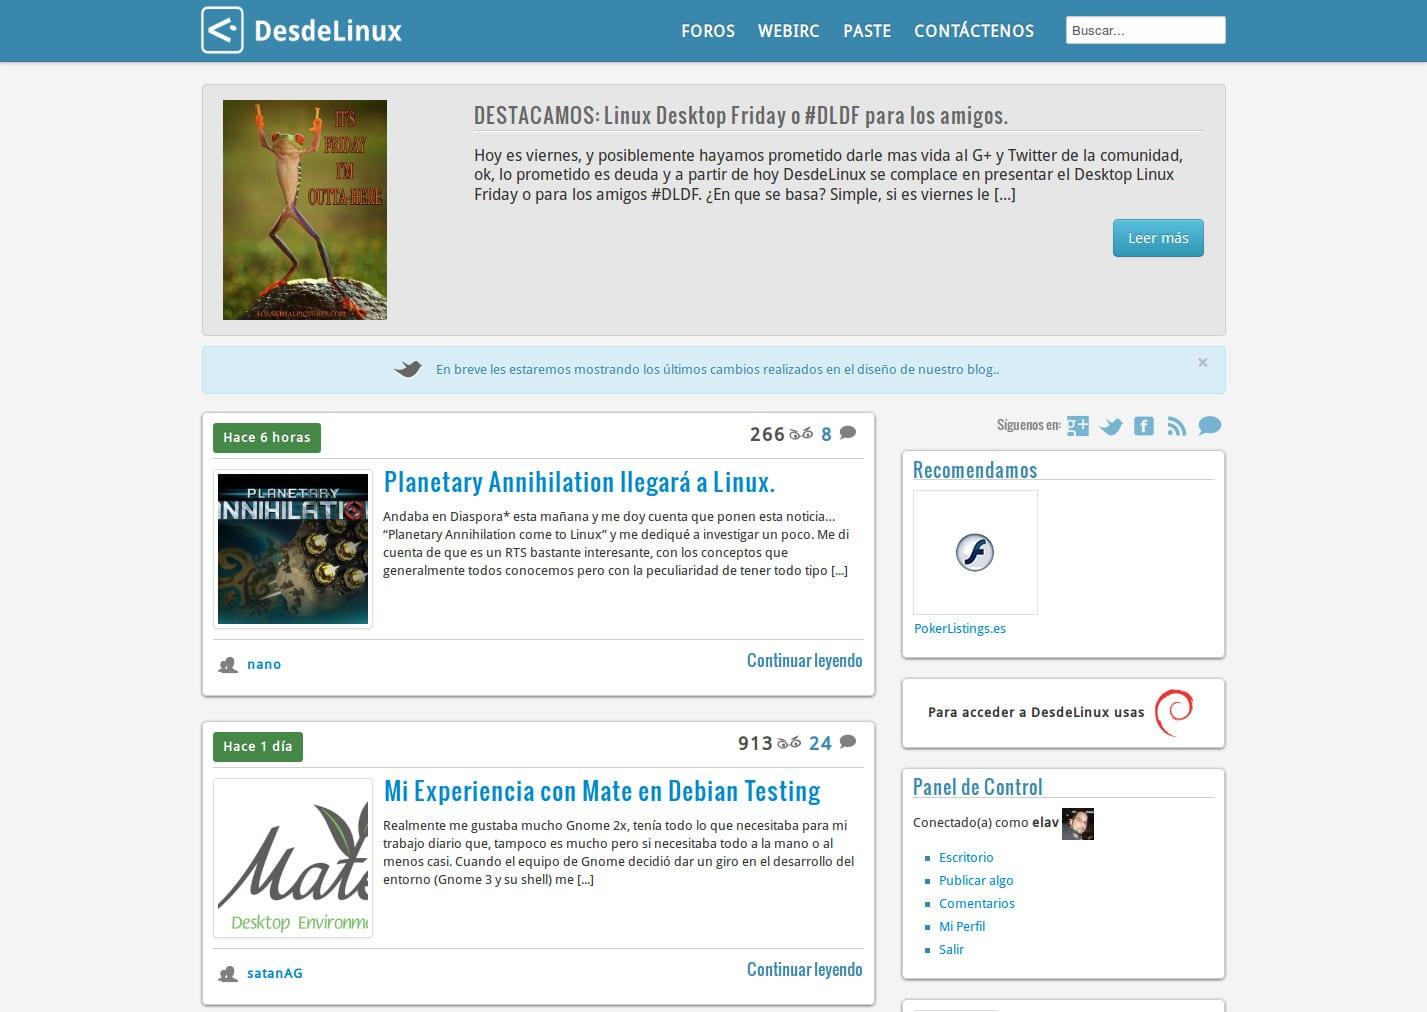 blog.desdelinux.net